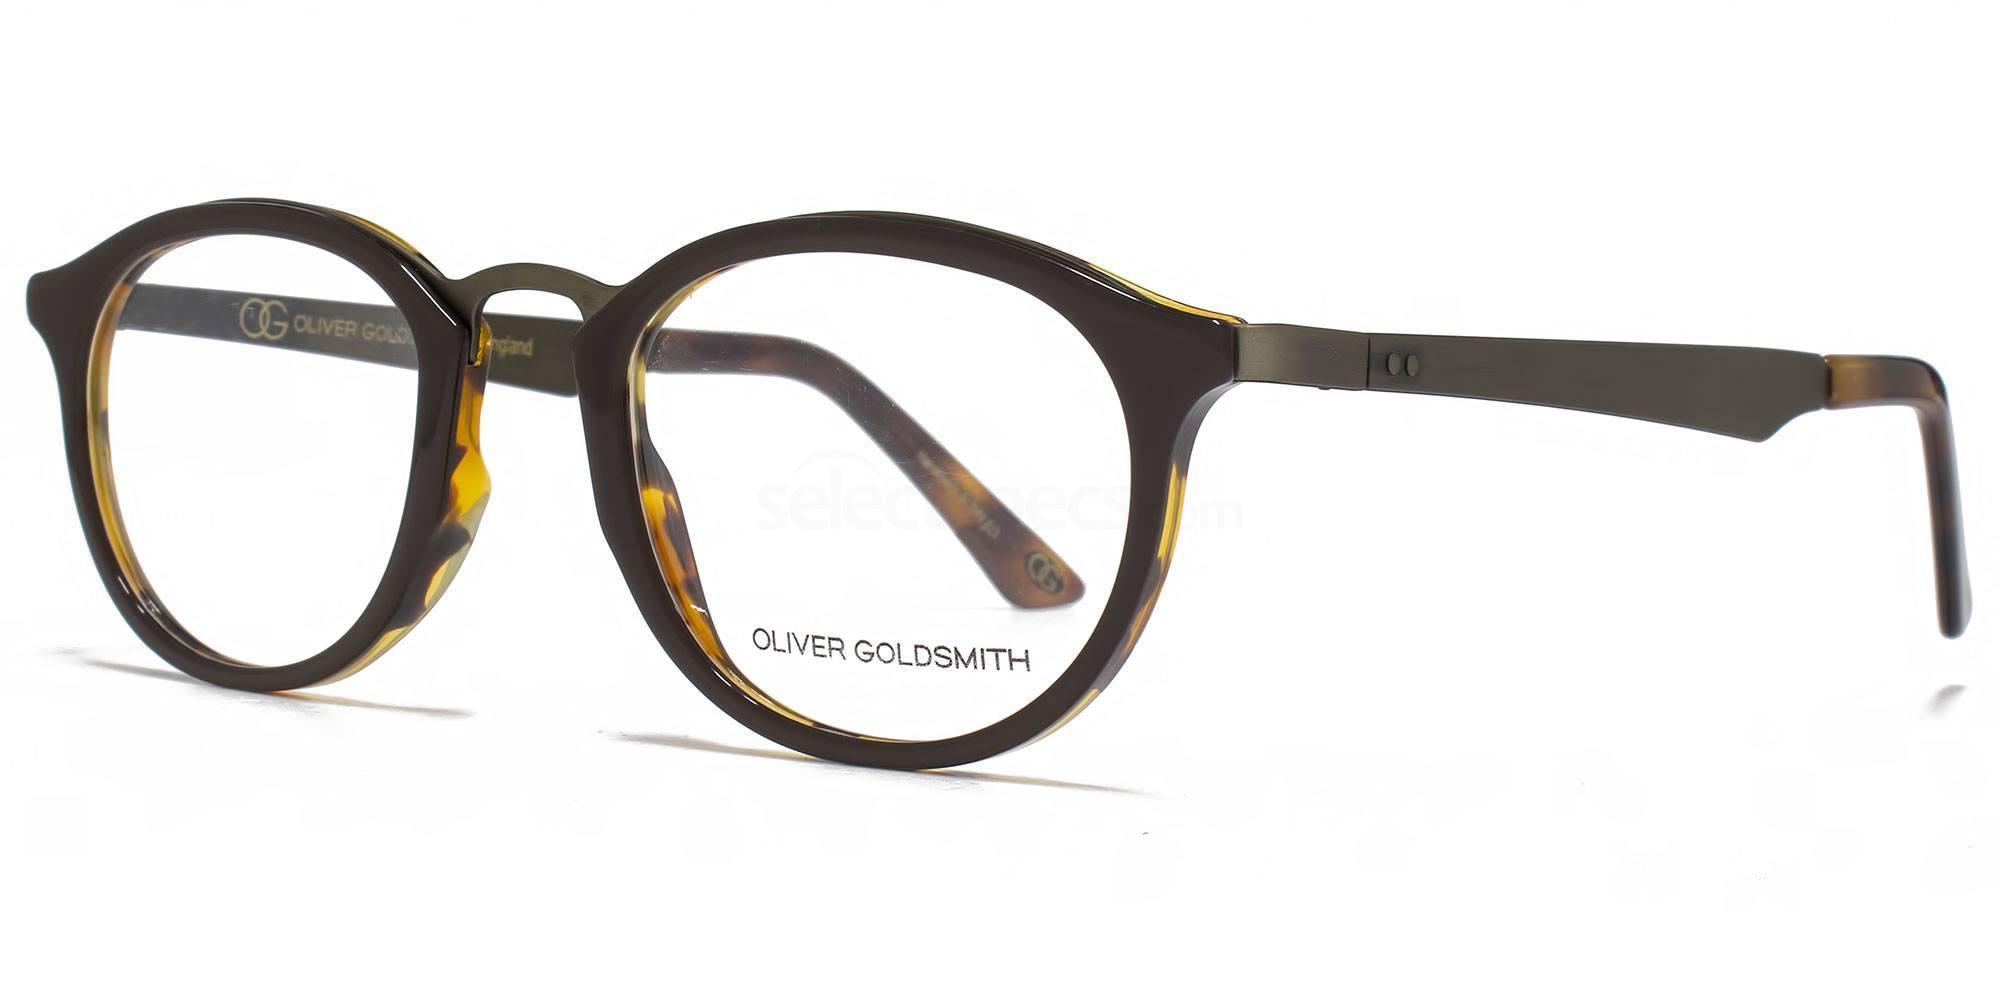 01 OLI005 - JAMIE Glasses, Oliver Goldsmith